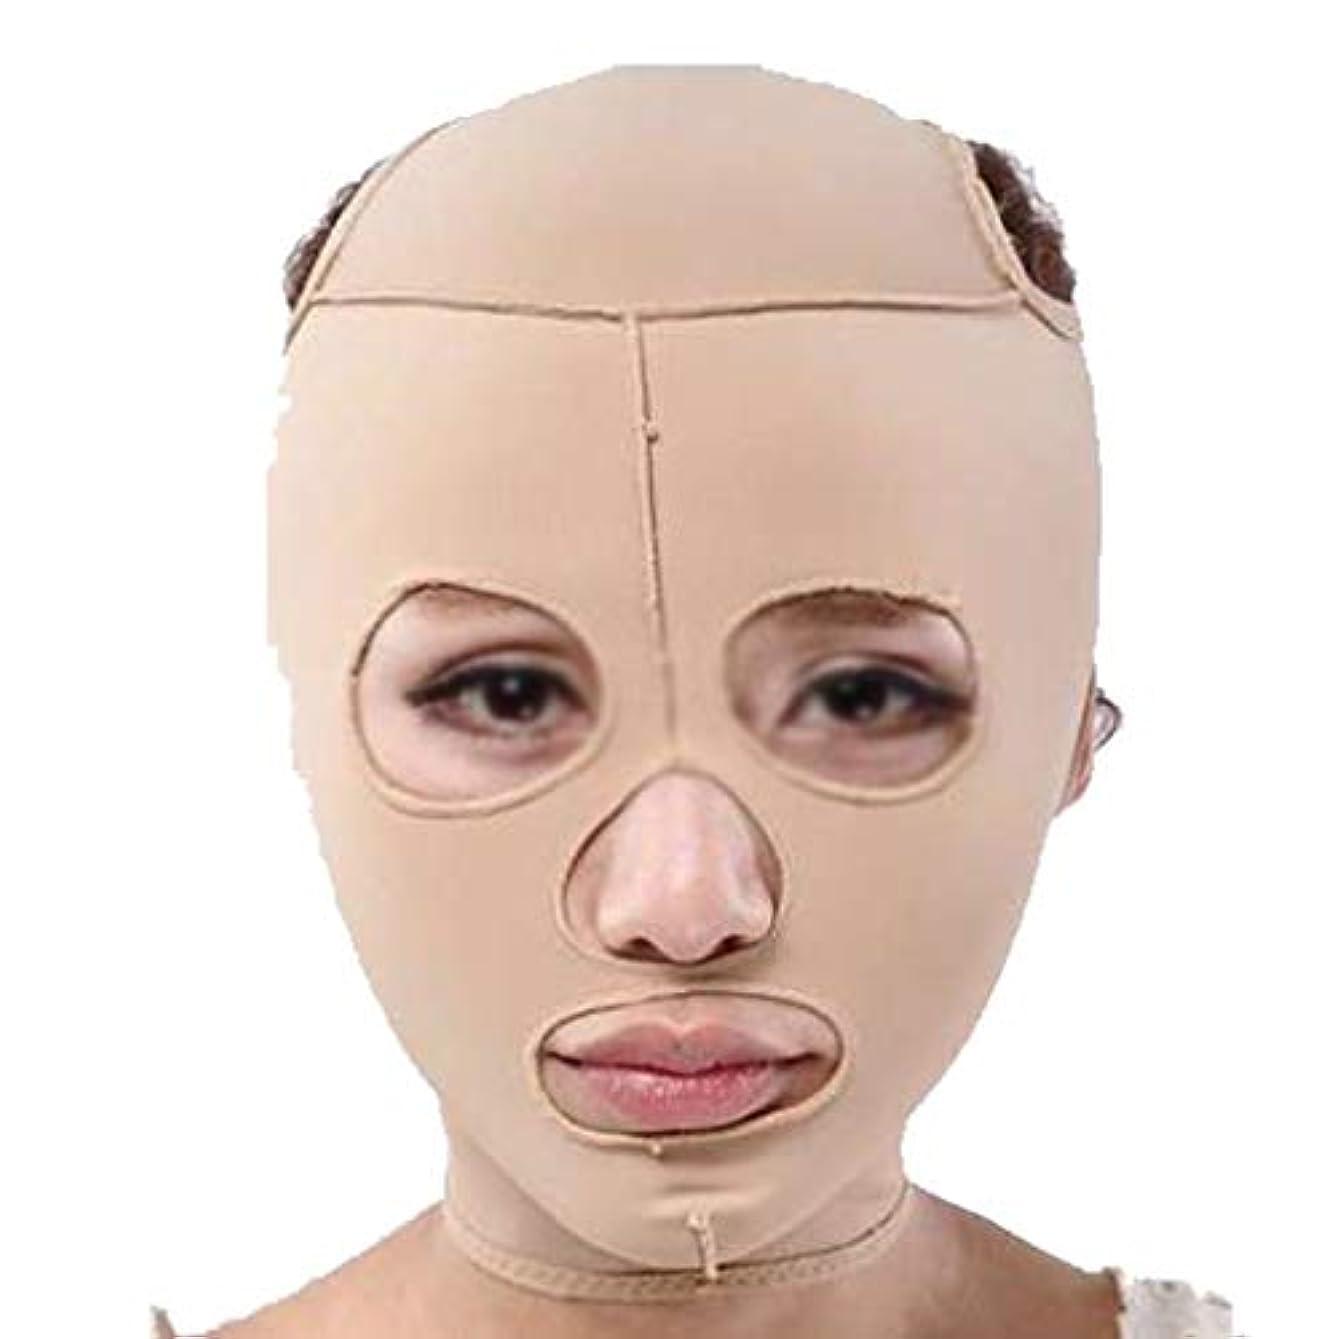 検閲アグネスグレイ消費するZWBD フェイスマスク, フェイスコレクター男性と女性のフェイスリフティングマスクマスクバンデージリフティングスモールVフェイスリフティング引き締めダブルチン